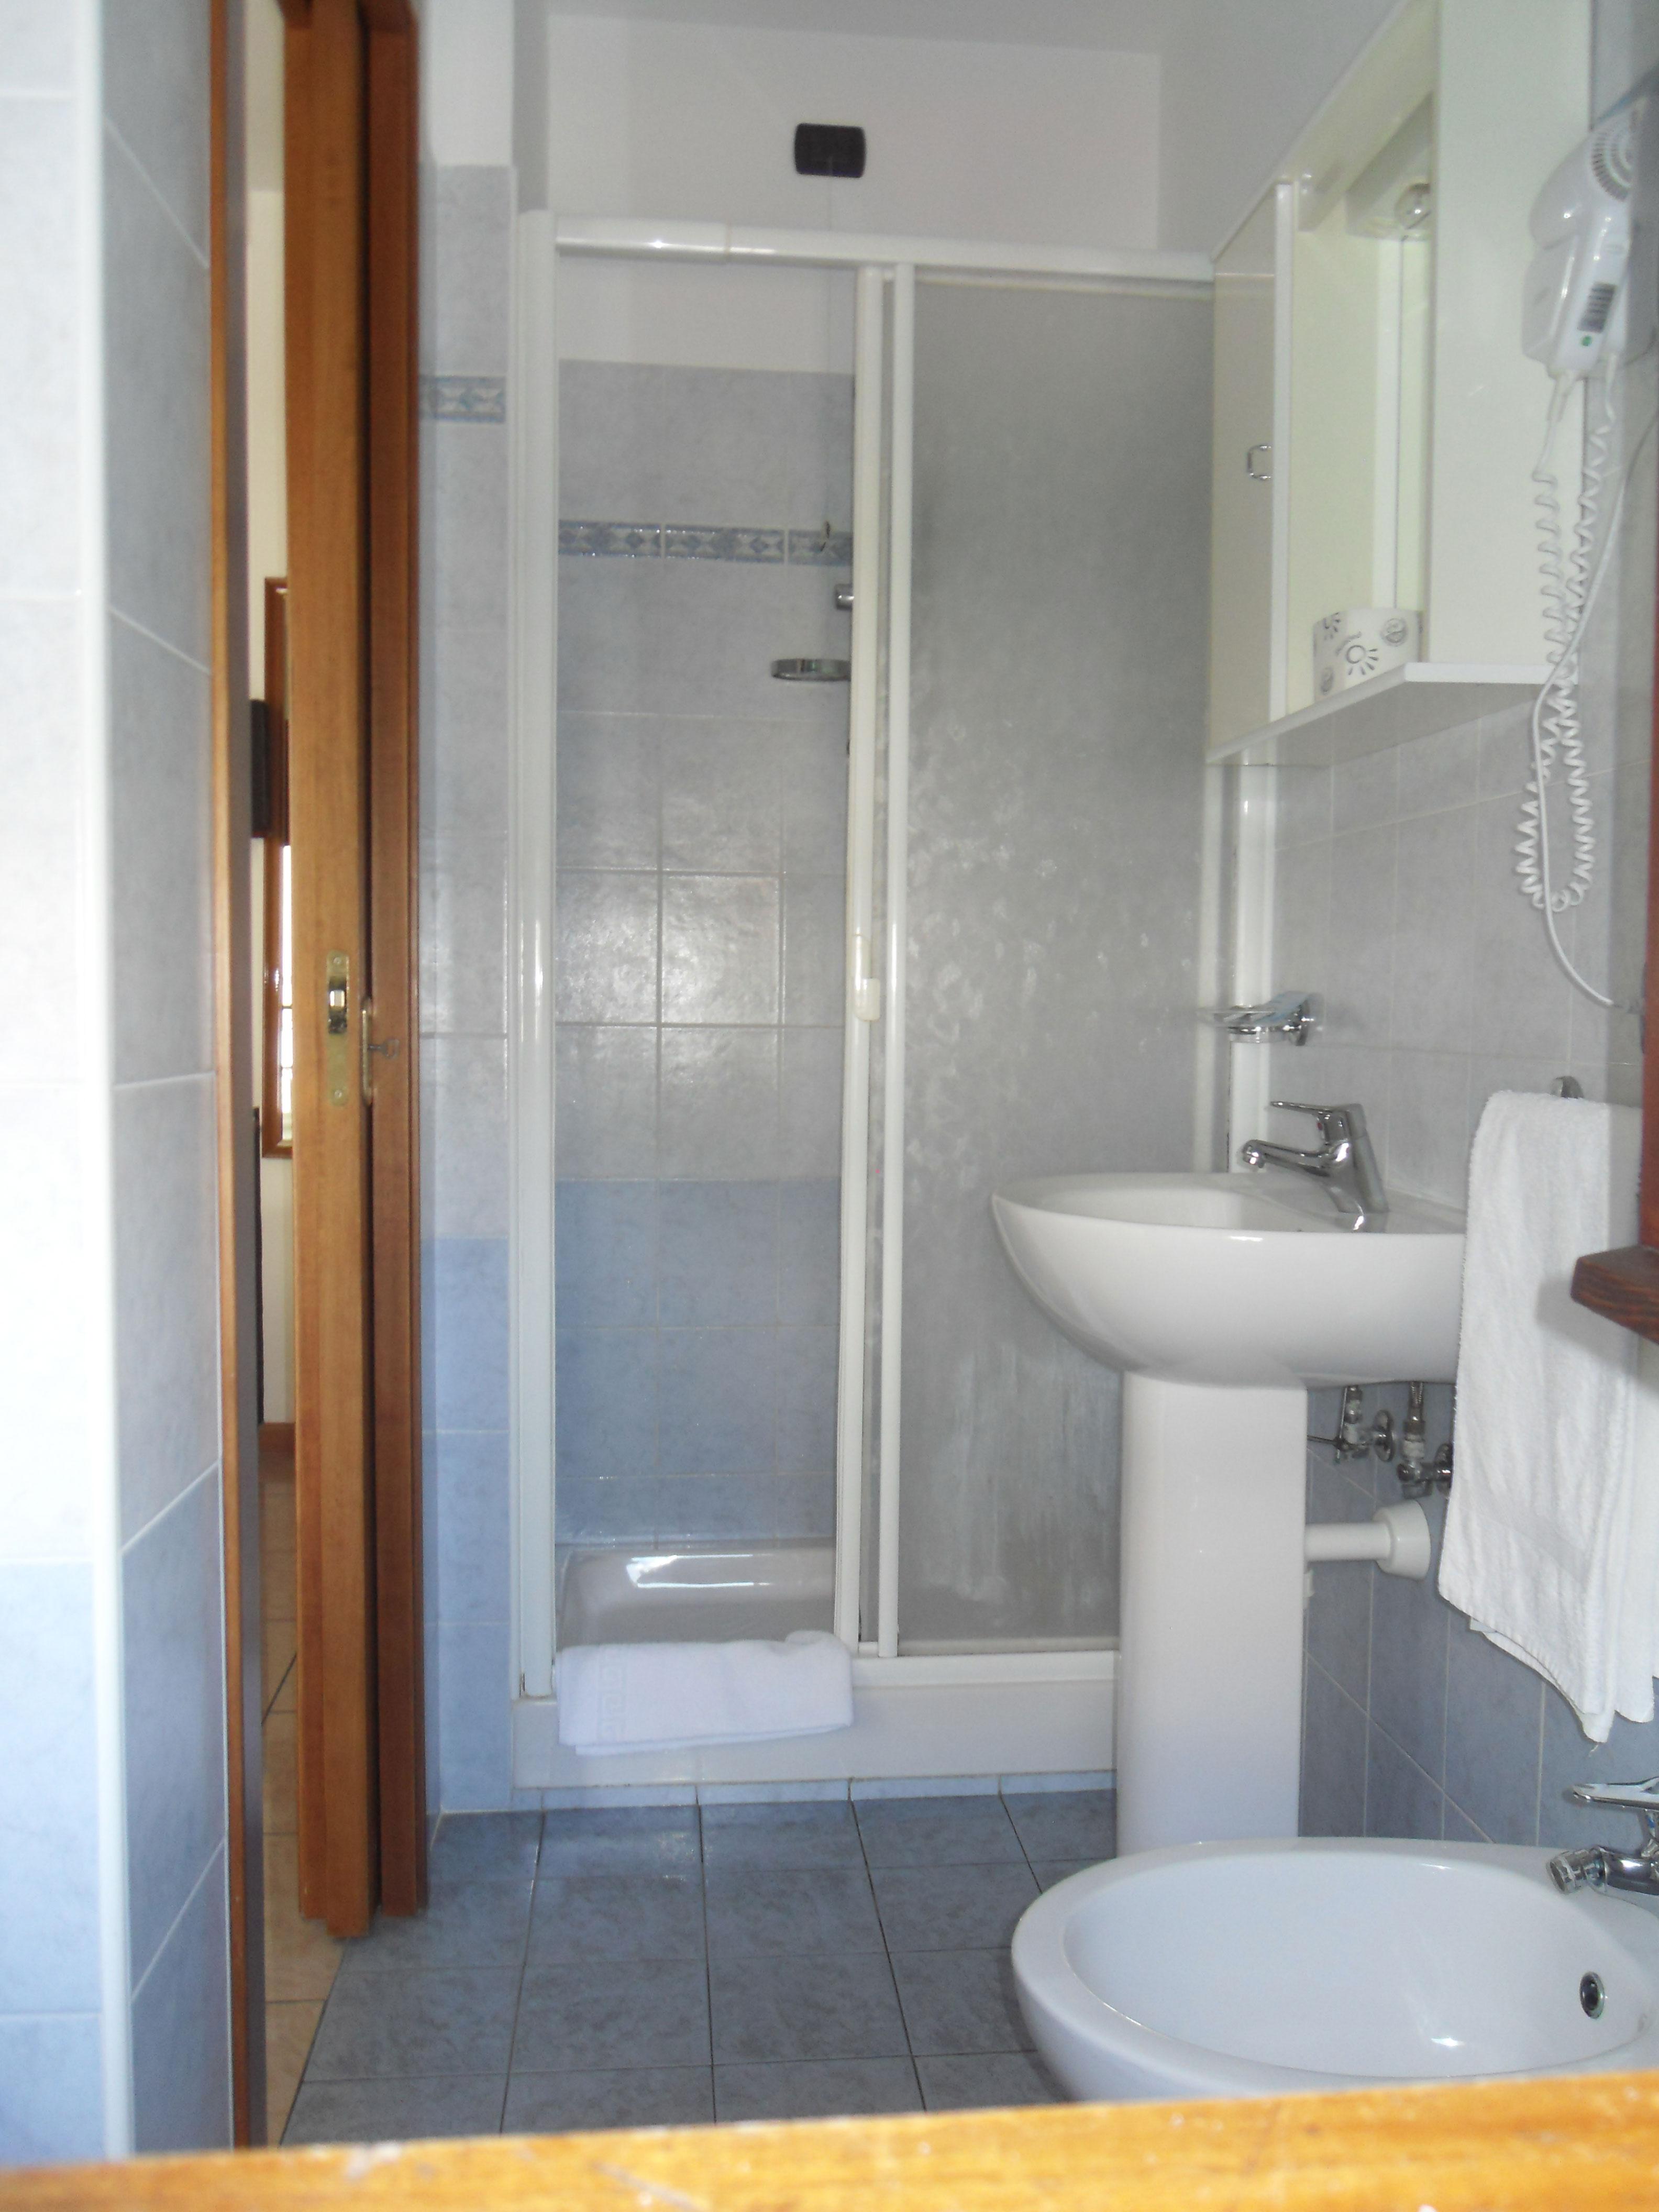 Bagno box doccia hotel san benedetto del tronto hotel 2 stelle san benedetto del tronto - Bagno con doccia ...